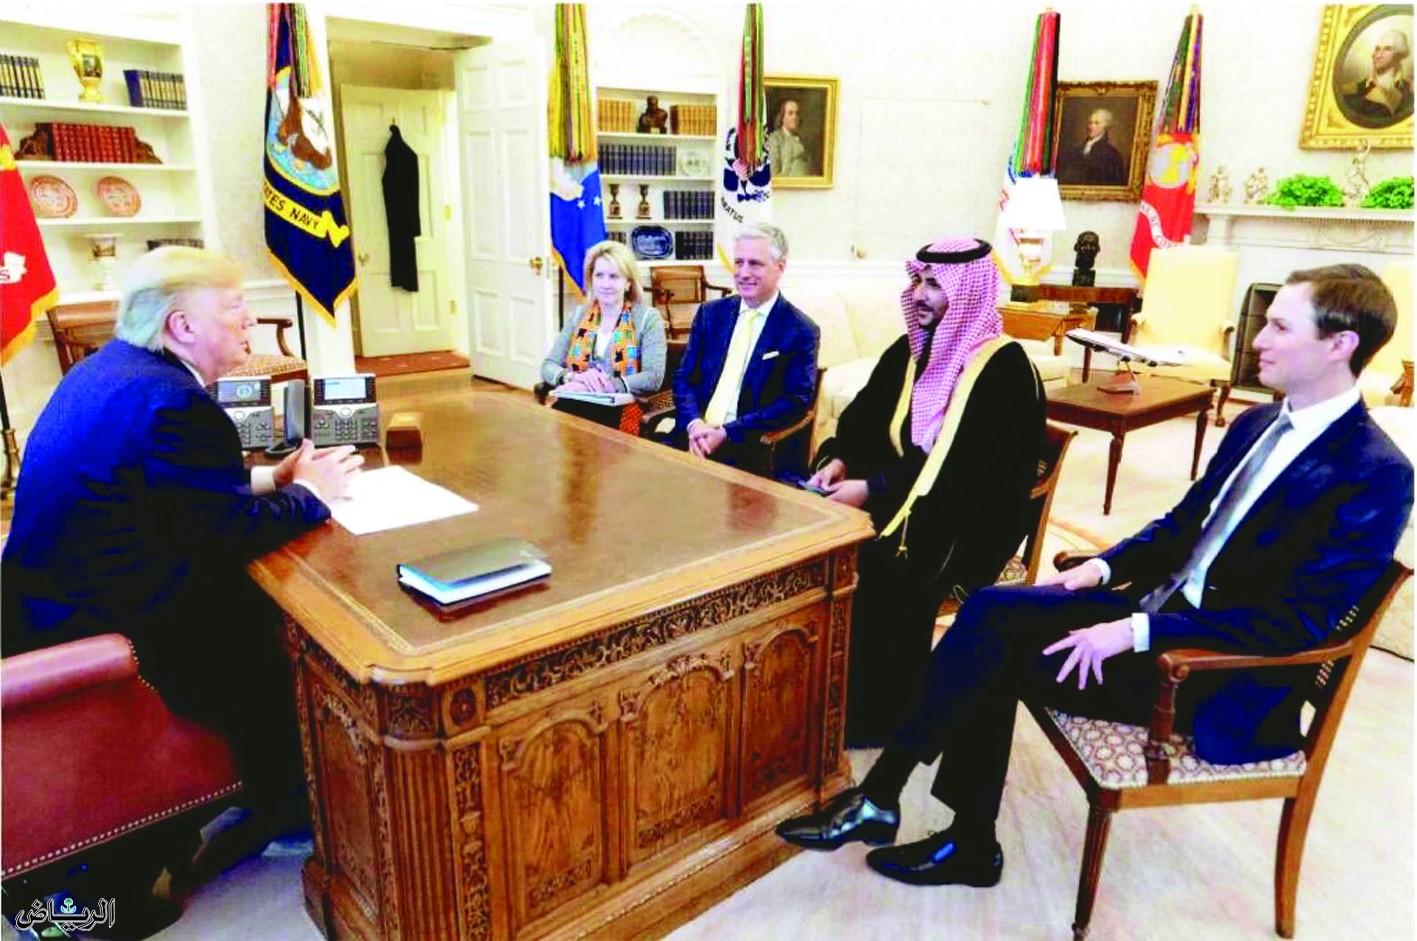 Заместитель министра обороны провел переговоры на высоком уровне с президентом Трампом и официальными лицами США